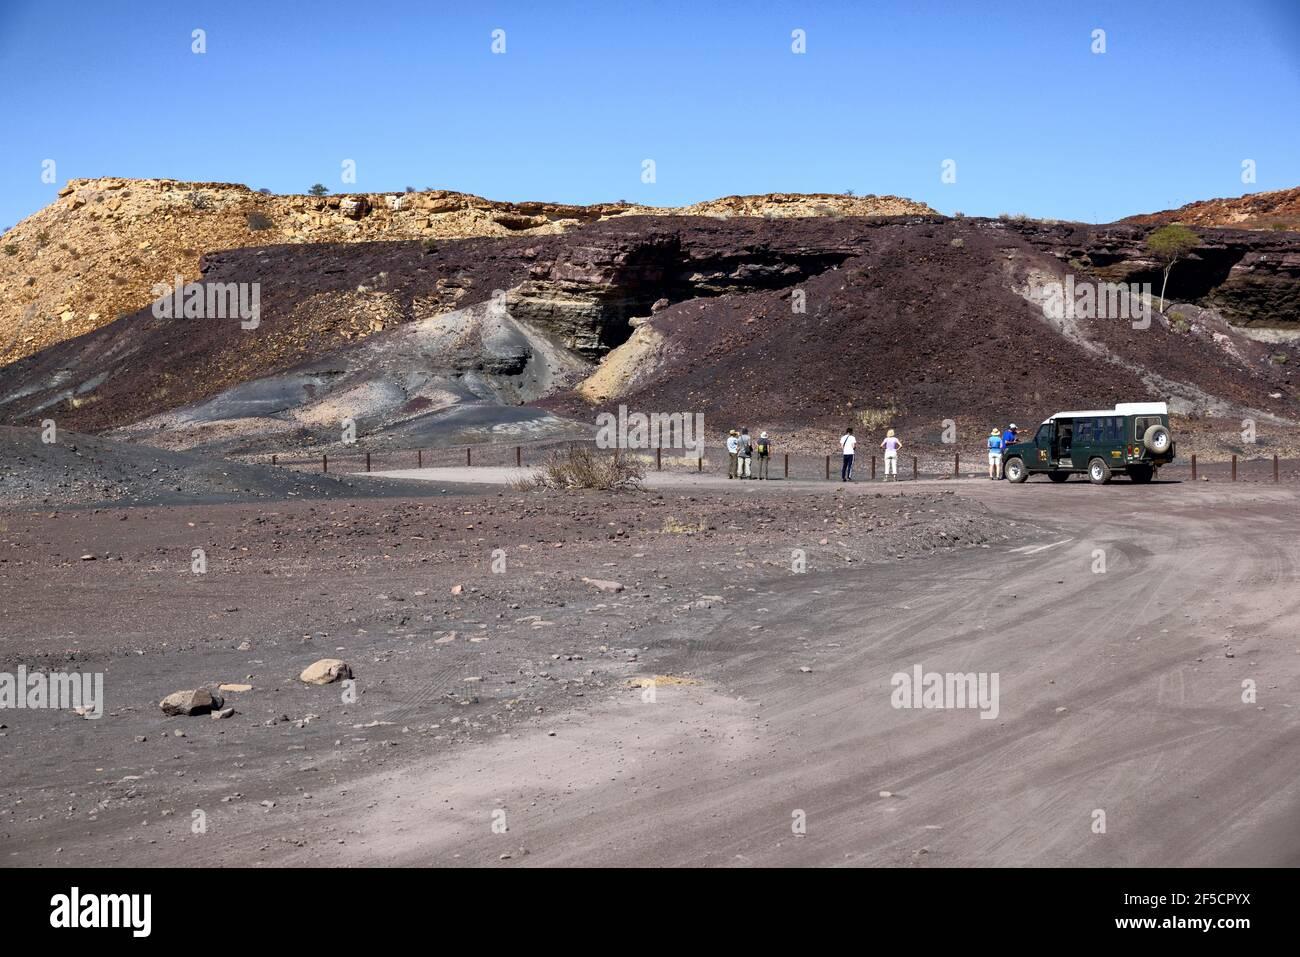 Géographie / Voyage, Namibie, Burnt Mount, près de Twyfelfontein, région Kunene, Informations-droits-autorisations-supplémentaires-non-disponibles Banque D'Images